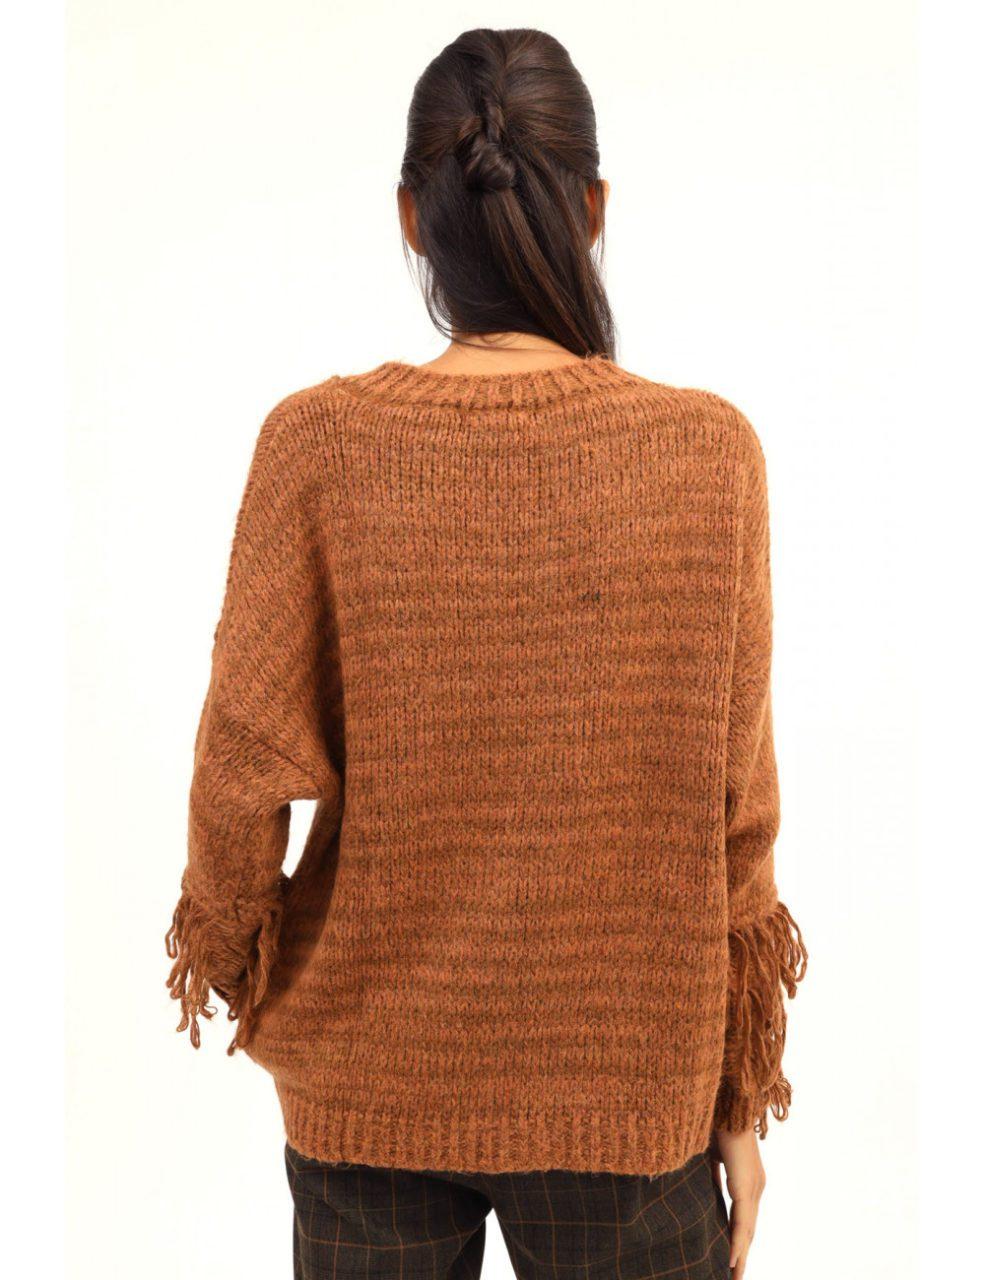 Susy mix πλεκτό πουλόβερ